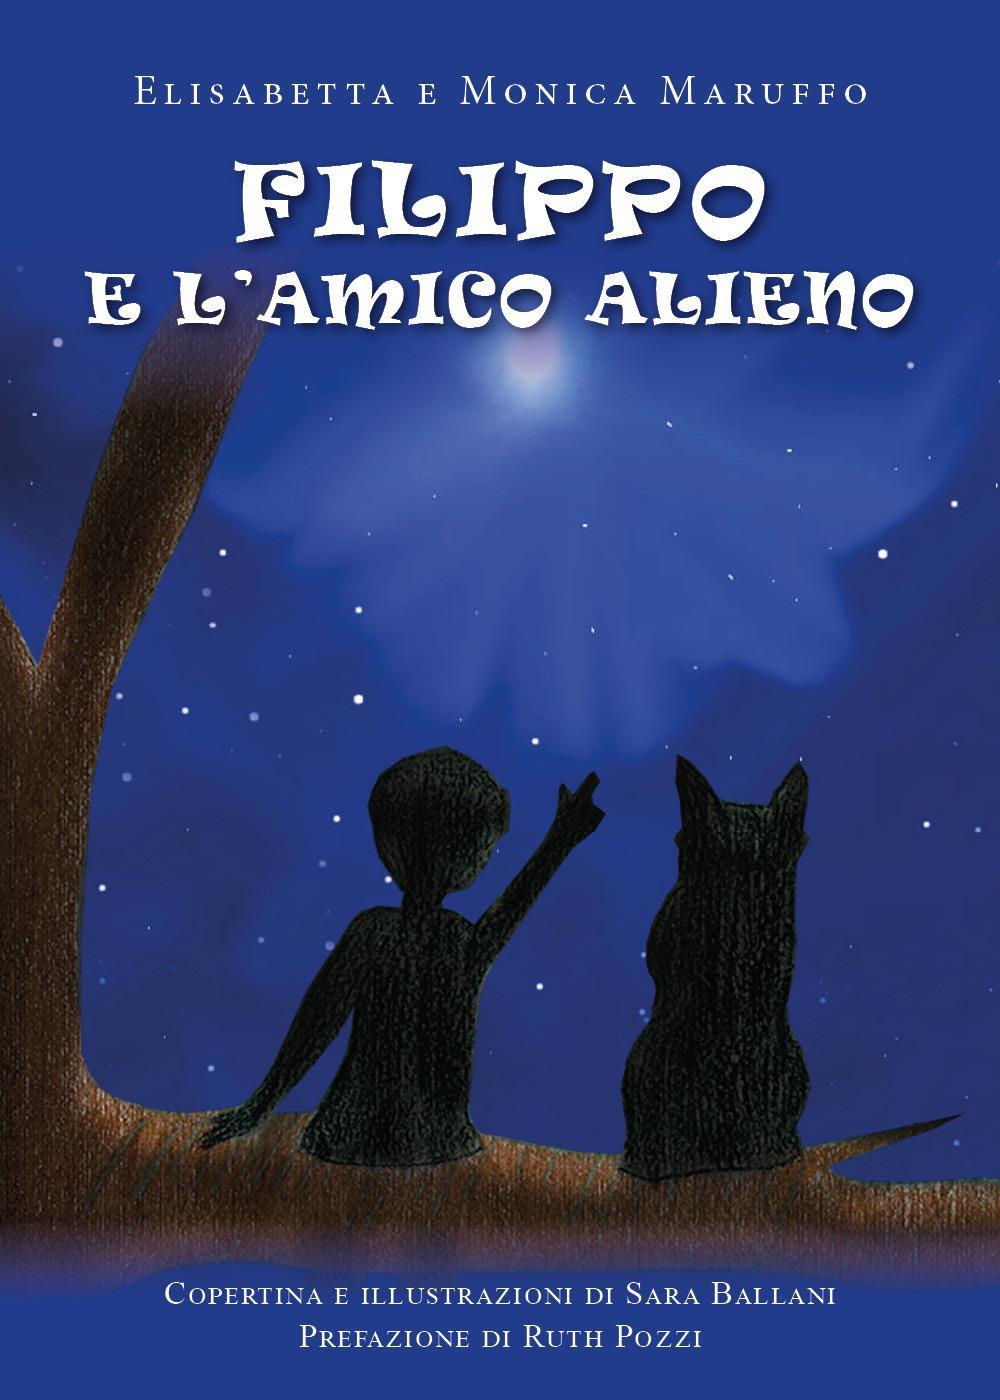 Filippo e l'amico Alieno